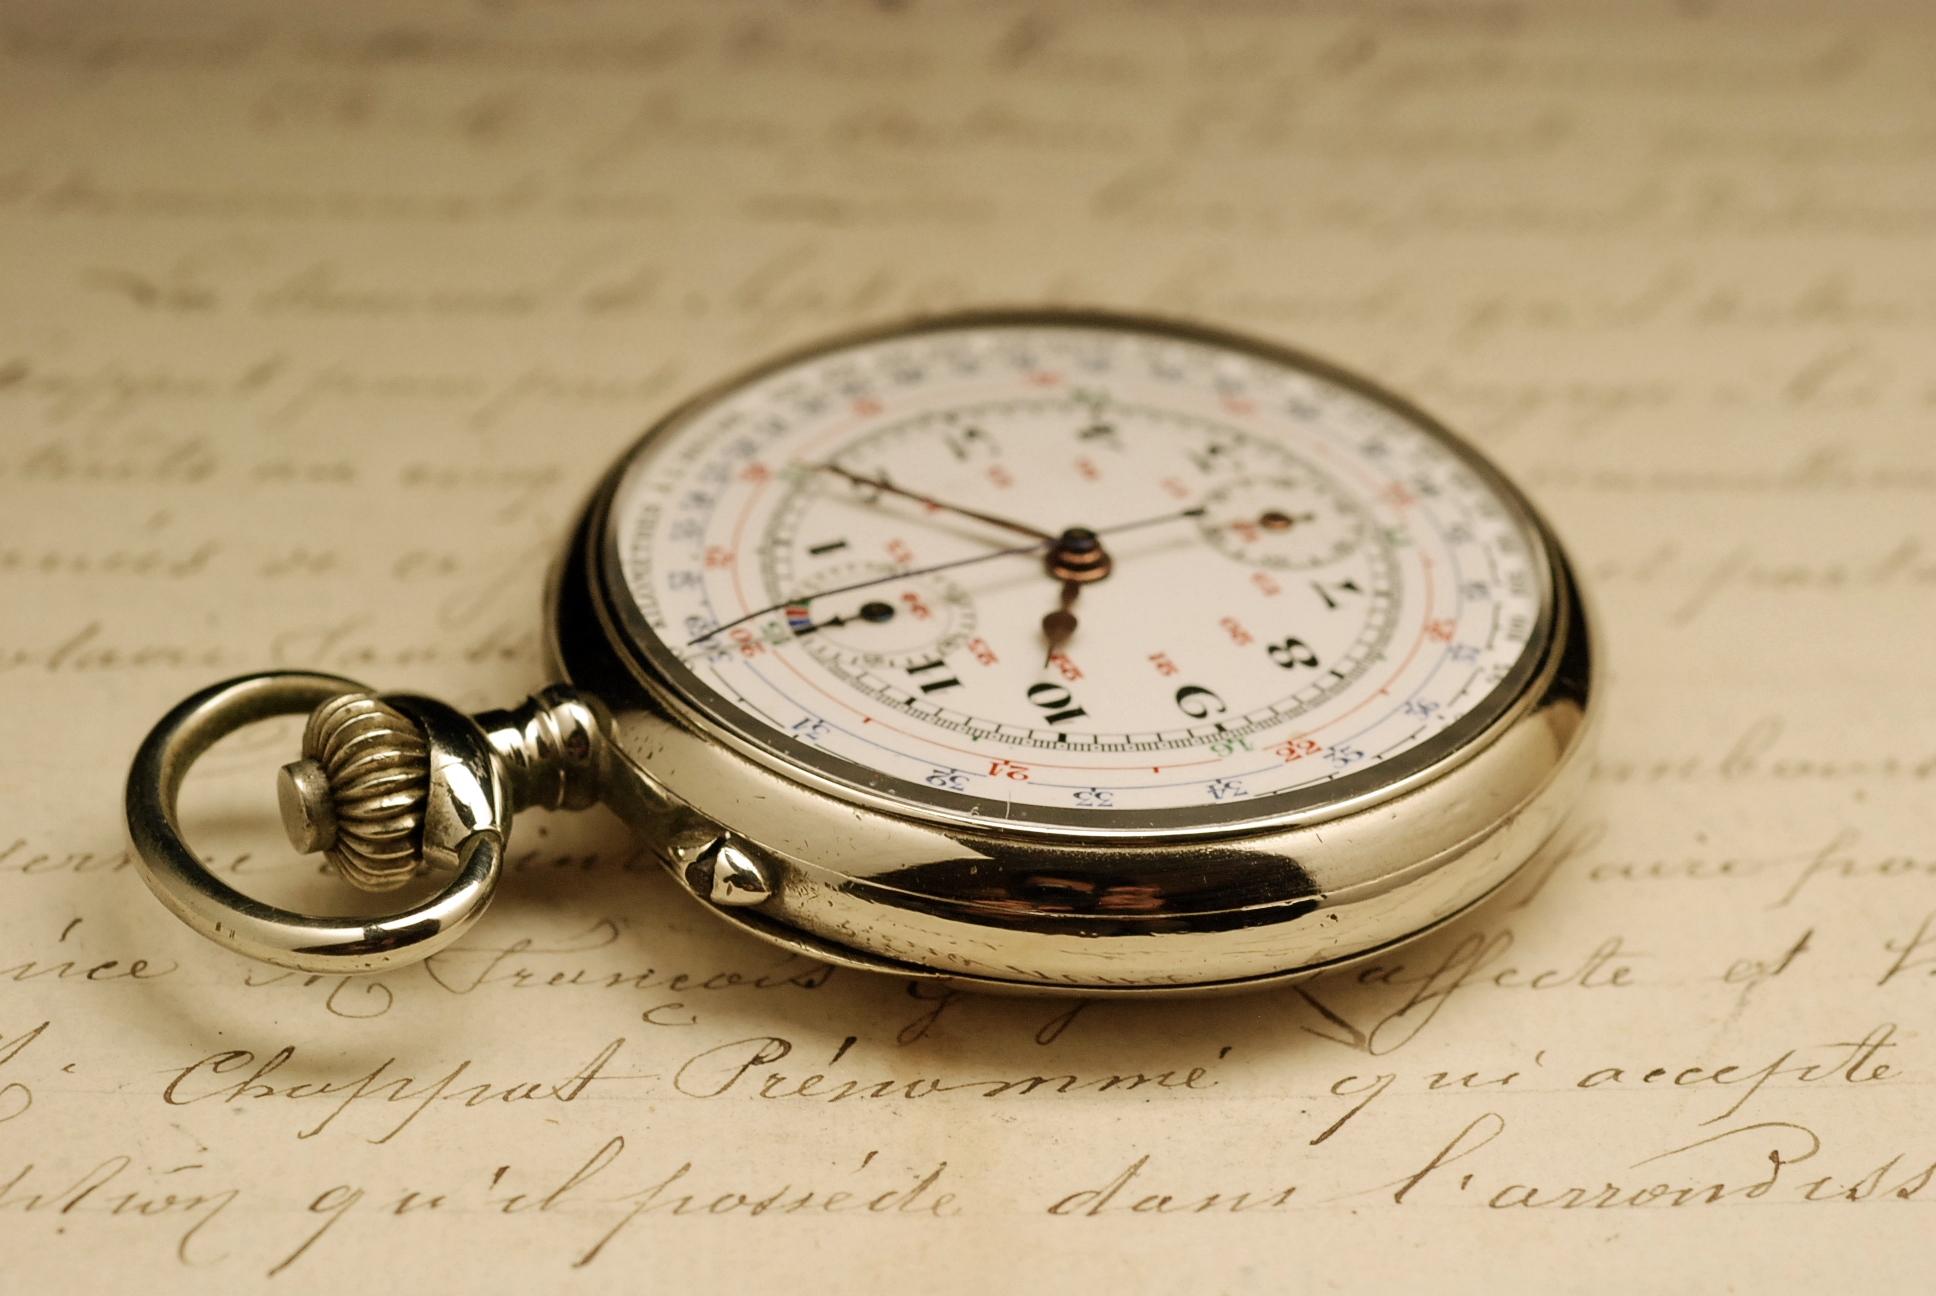 ancienne montre gousset chronographe valjoux ann es 1910. Black Bedroom Furniture Sets. Home Design Ideas